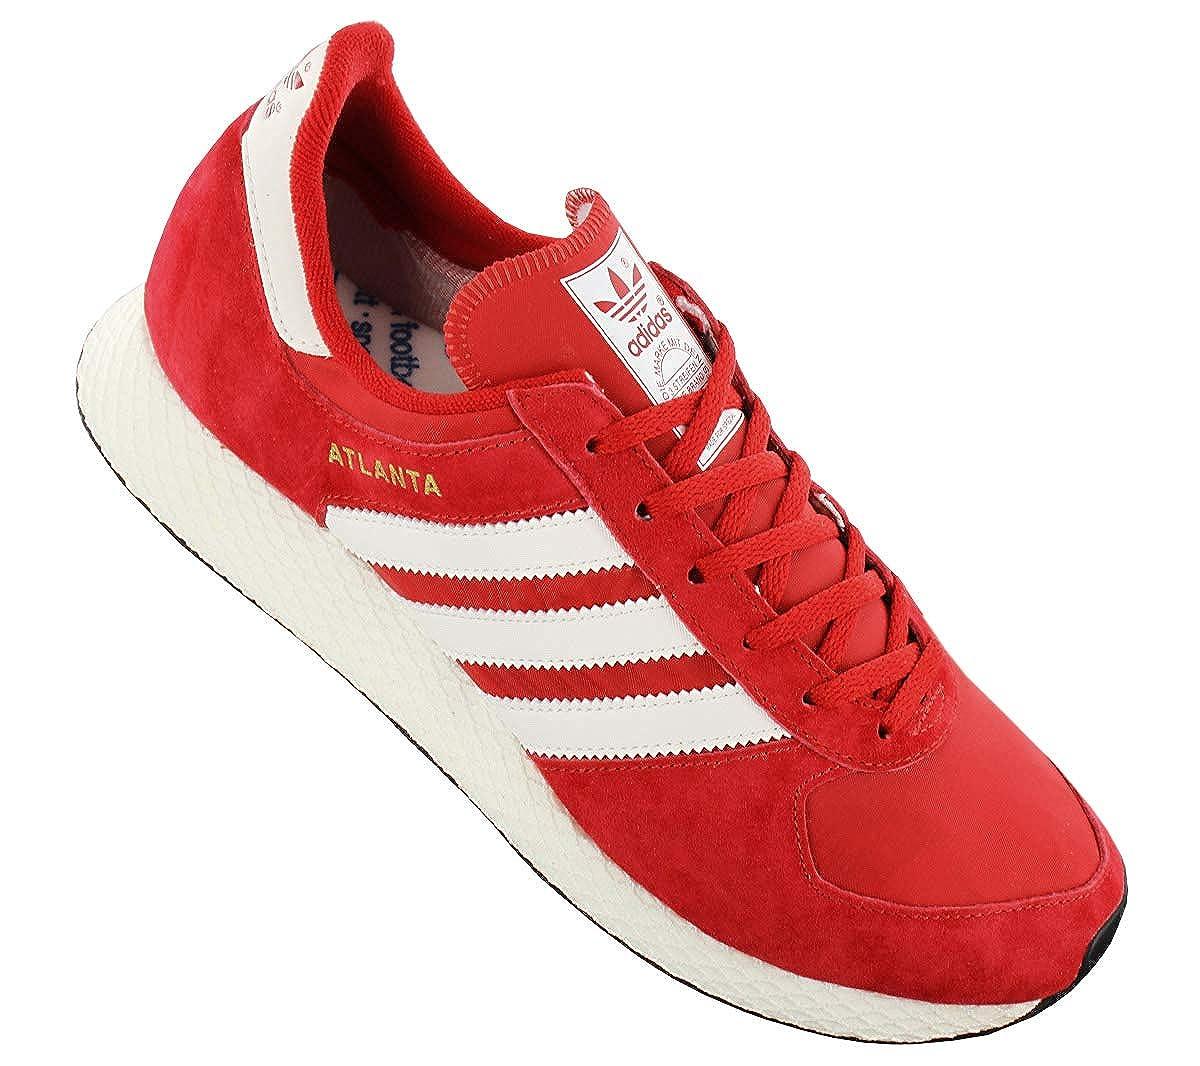 Retro Herren Schuhe Spezial Adidas Sneaker Originals Atlanta dthQrsC